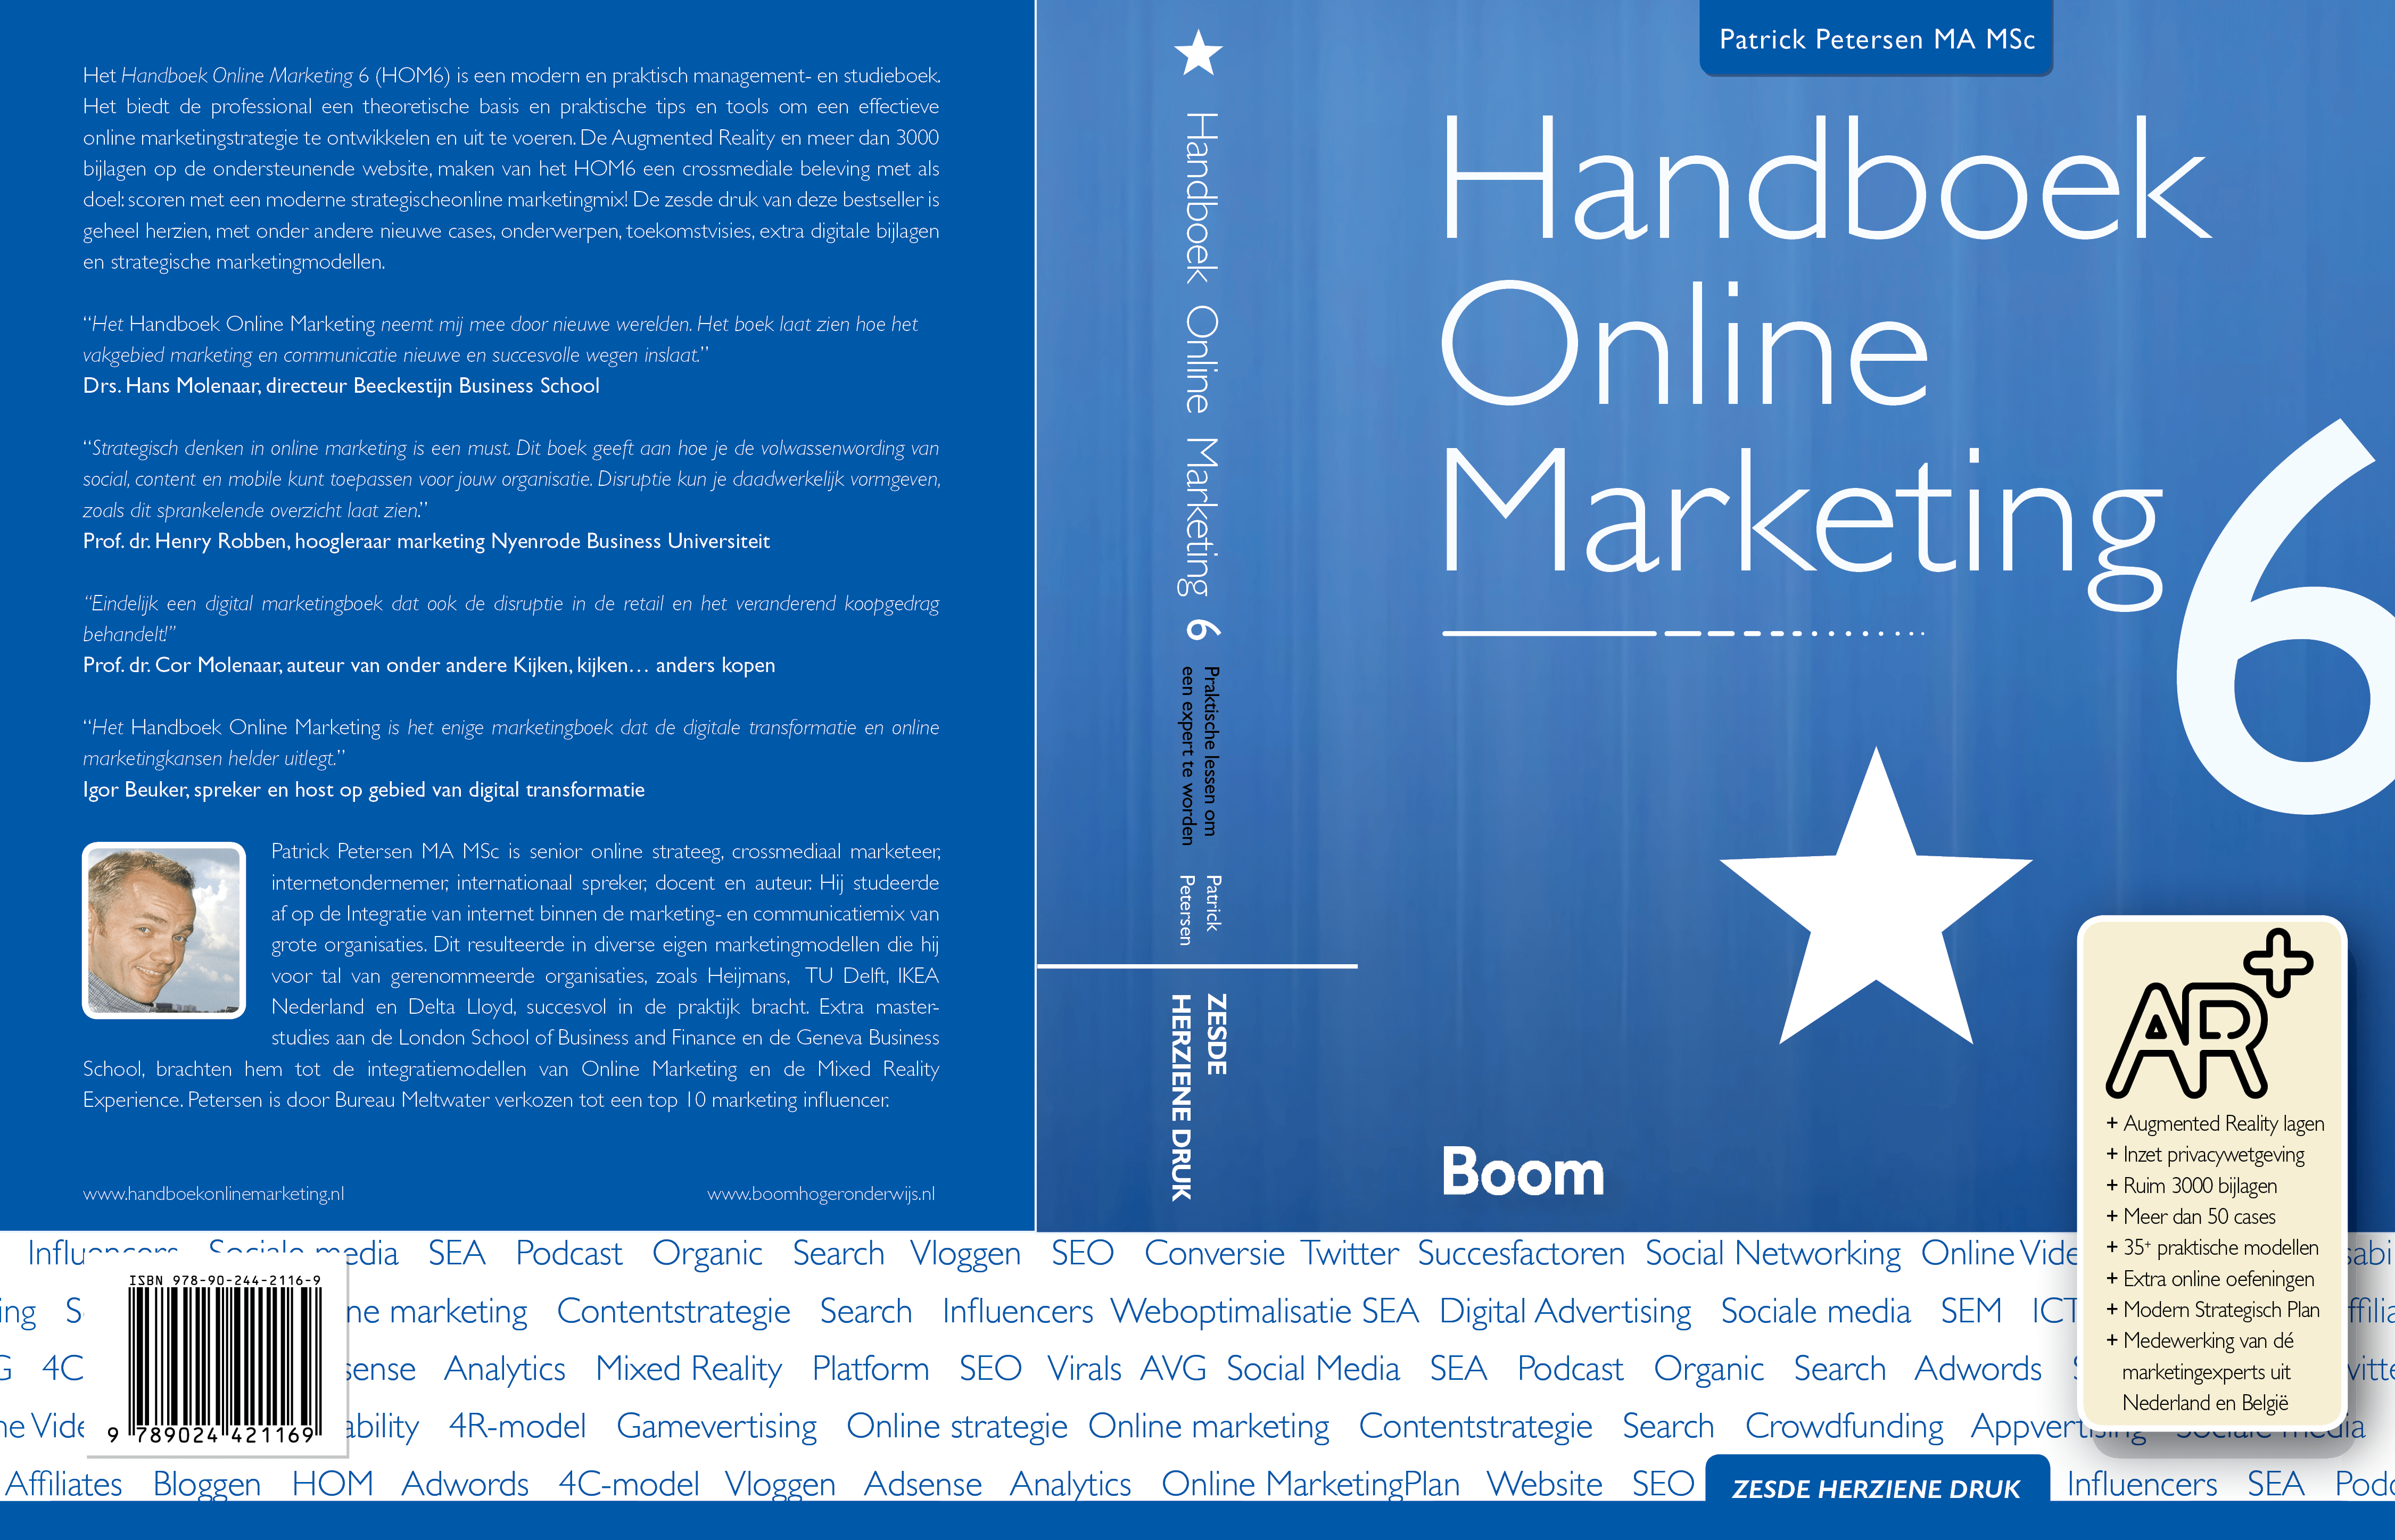 Ook Google zet het Handboek Online Marketing 6 bovenaan! #onlinemarketingboek - Handboek Online Marketing